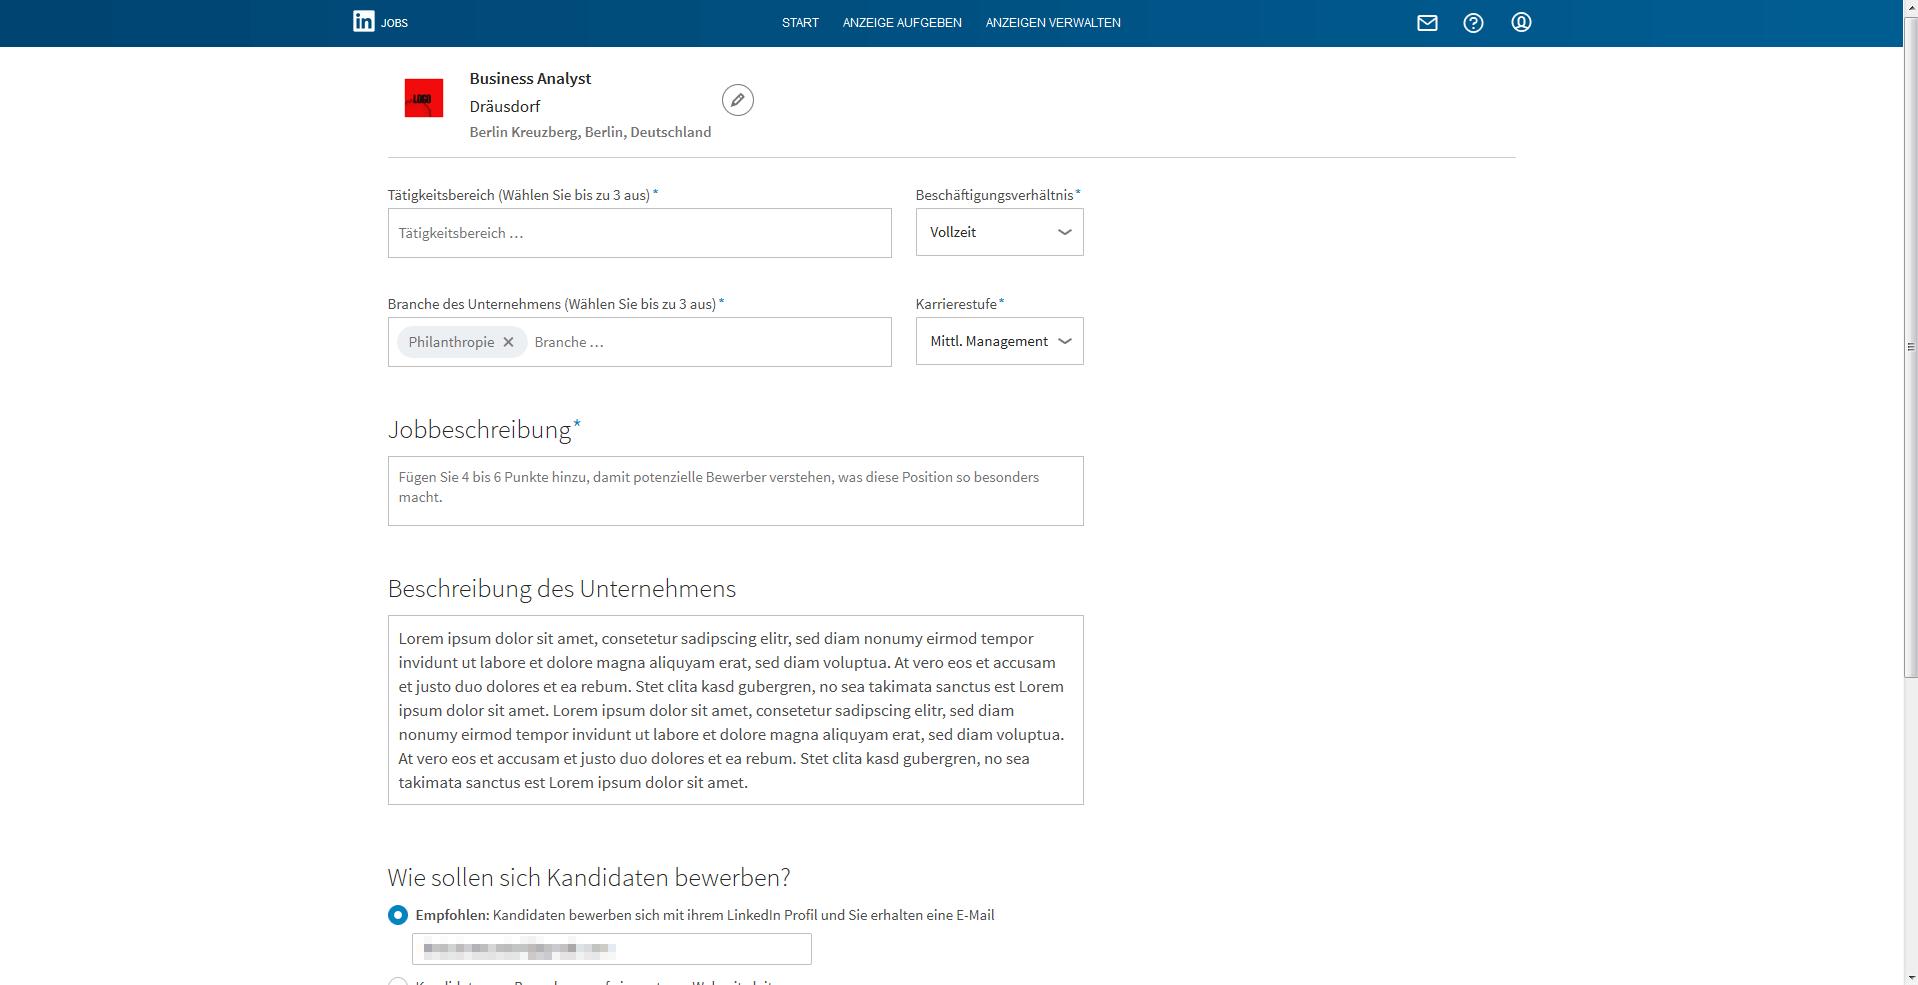 Schön Uploaden Sie Den Lebenslauf In Linkedin Galerie - Entry Level ...